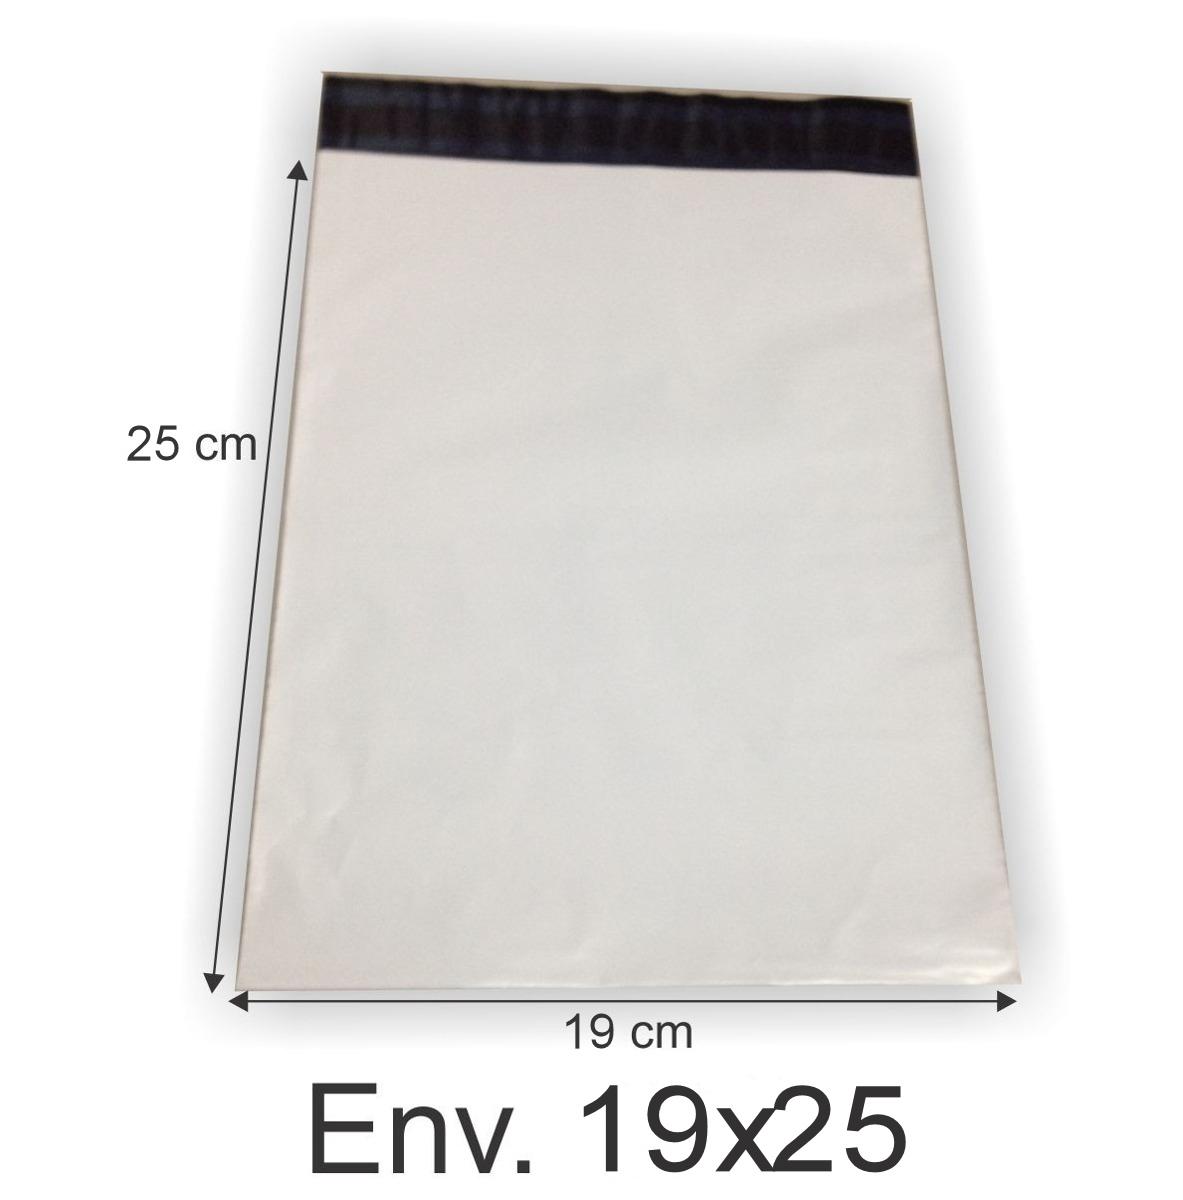 Envelope Plástico Segurança Lacre Tipo Sedex 19x25 (250pcs)